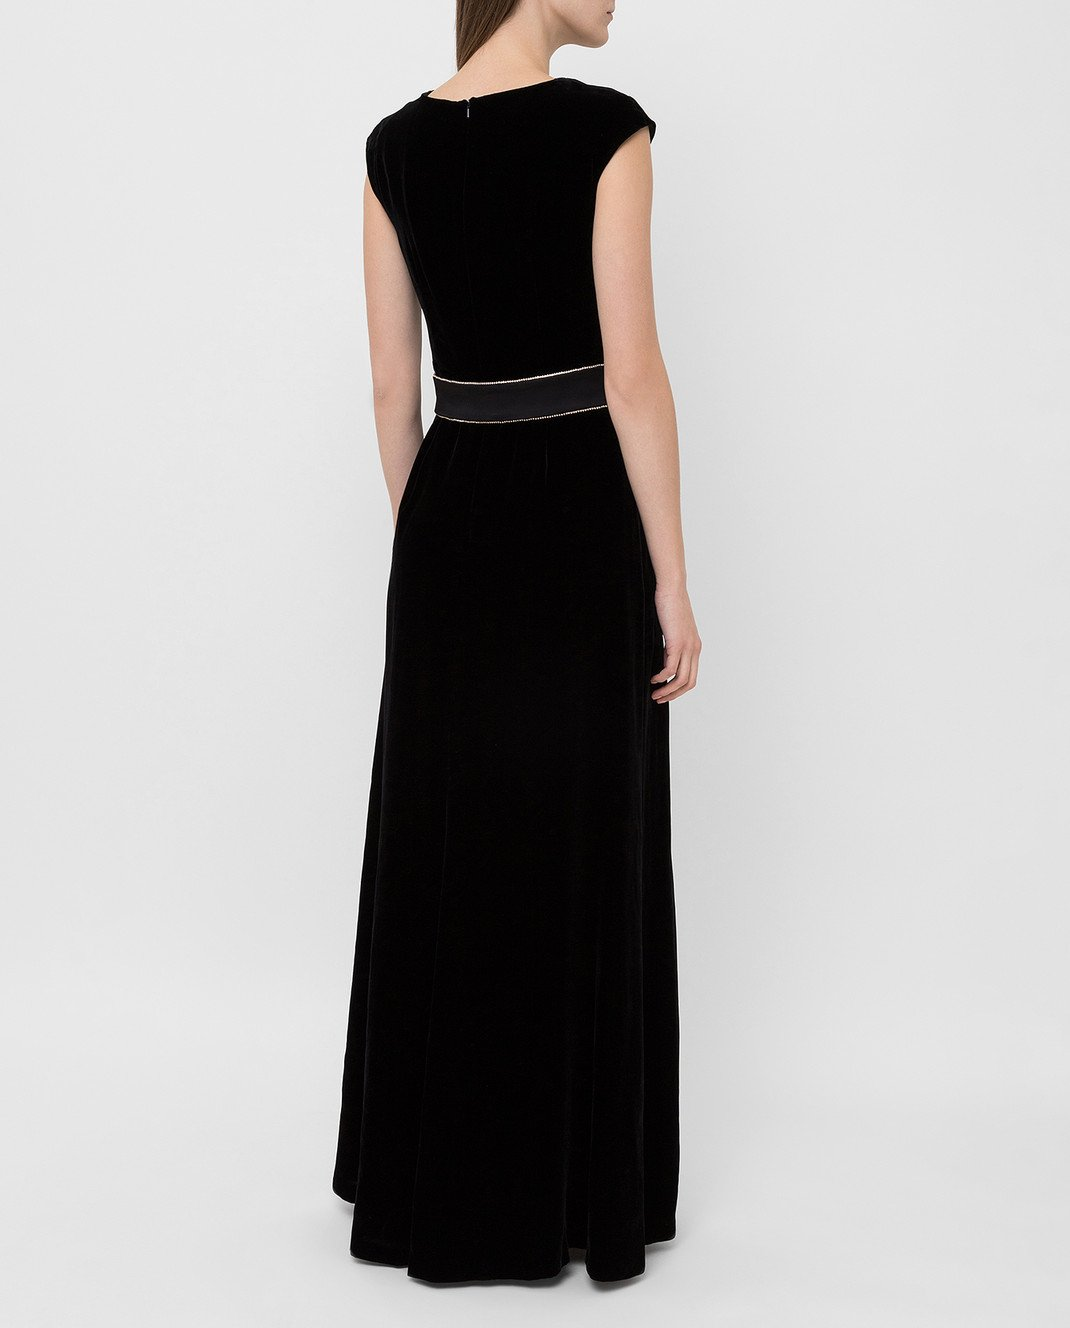 Max Mara Черное бархатное платье ASTRALE изображение 4